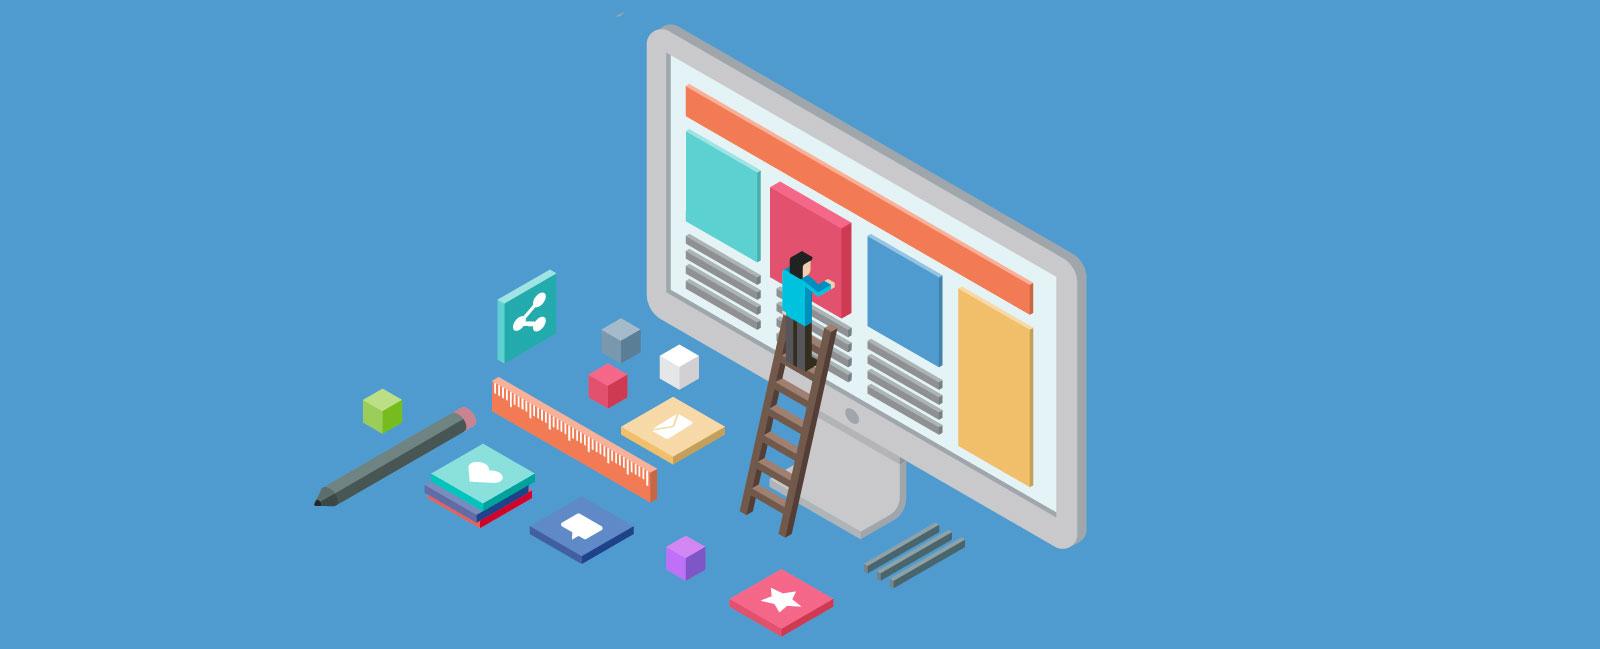 Come dare dinamicità al sito Web: realizzare un sito Web dinamico e aggiornato